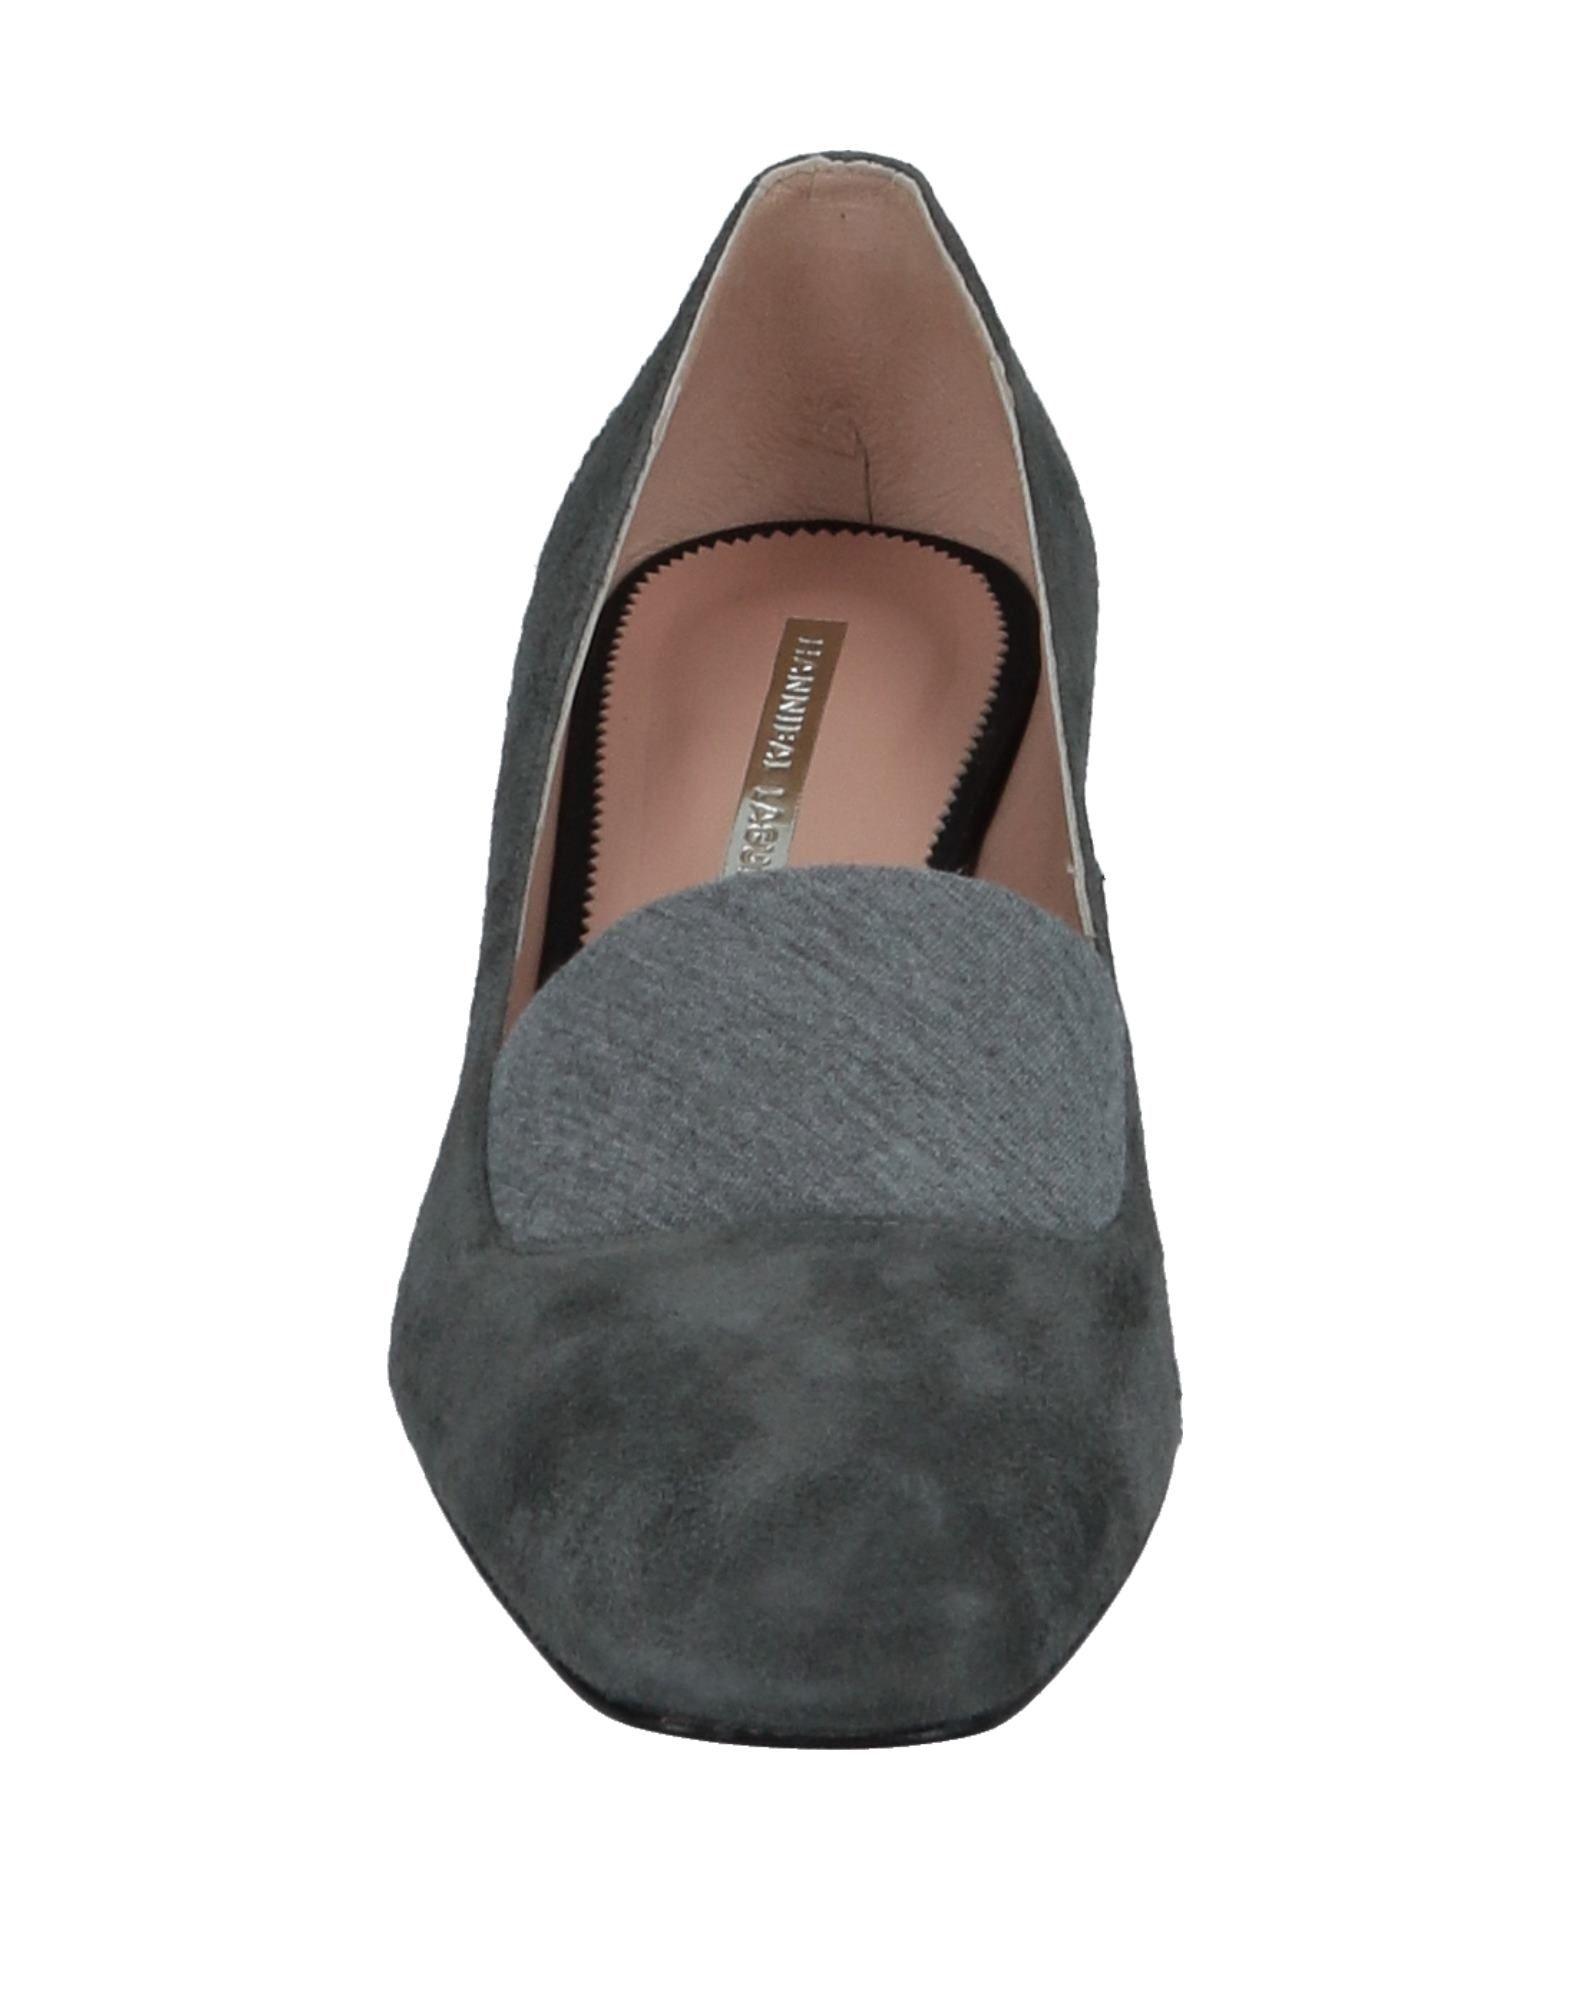 Hannibal Laguna Pumps Damen  11533614WG Gute Qualität beliebte Schuhe